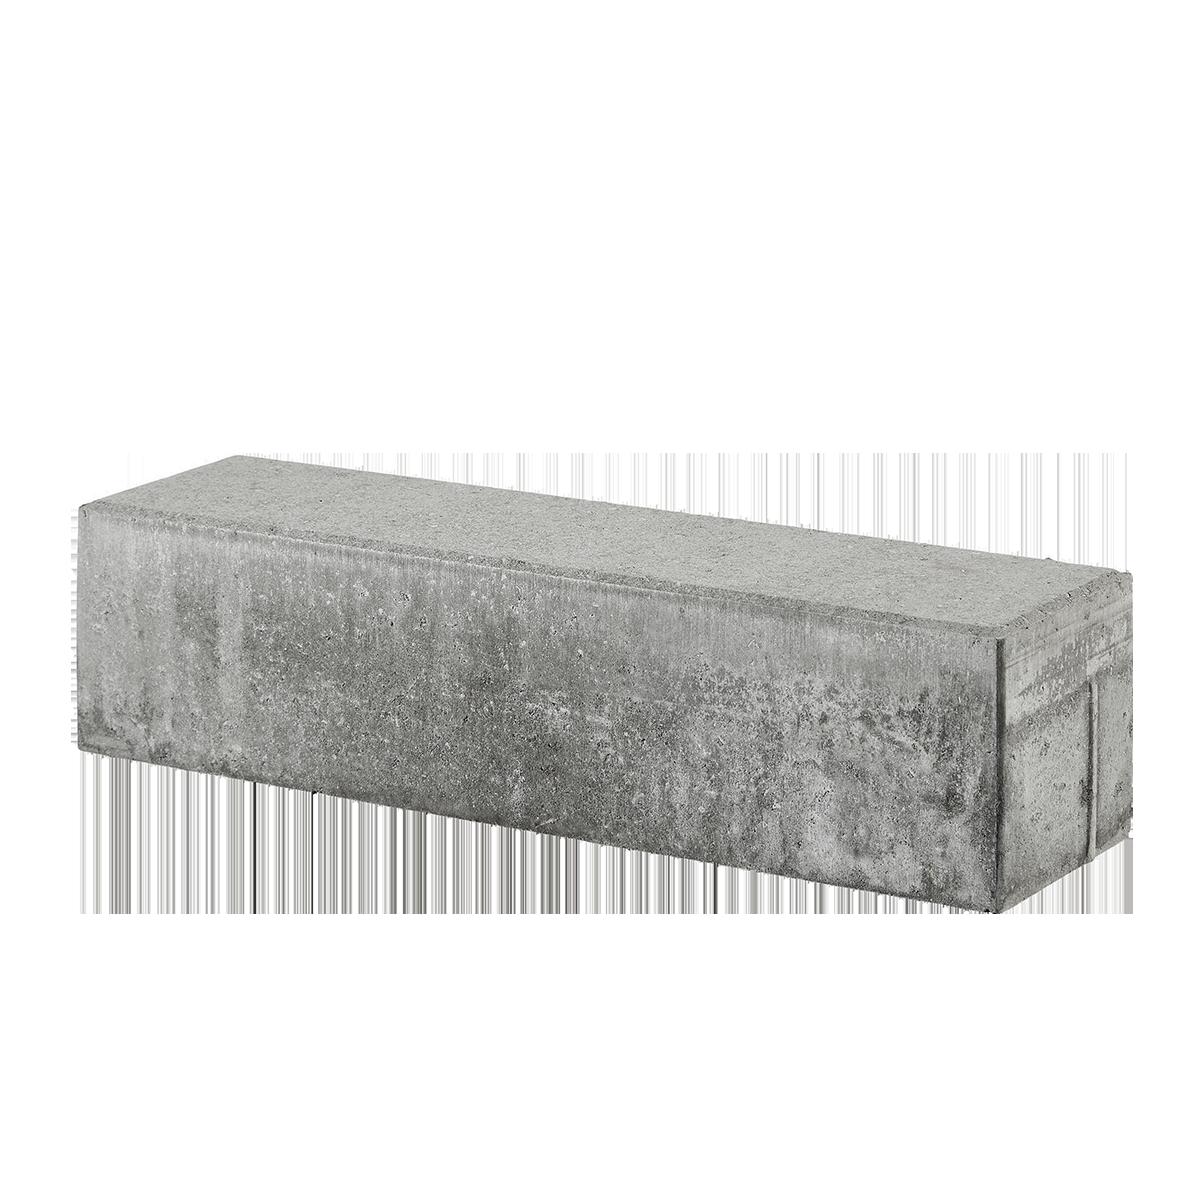 Albertslundkantsten 15x15x60 cm Grå vandret overside